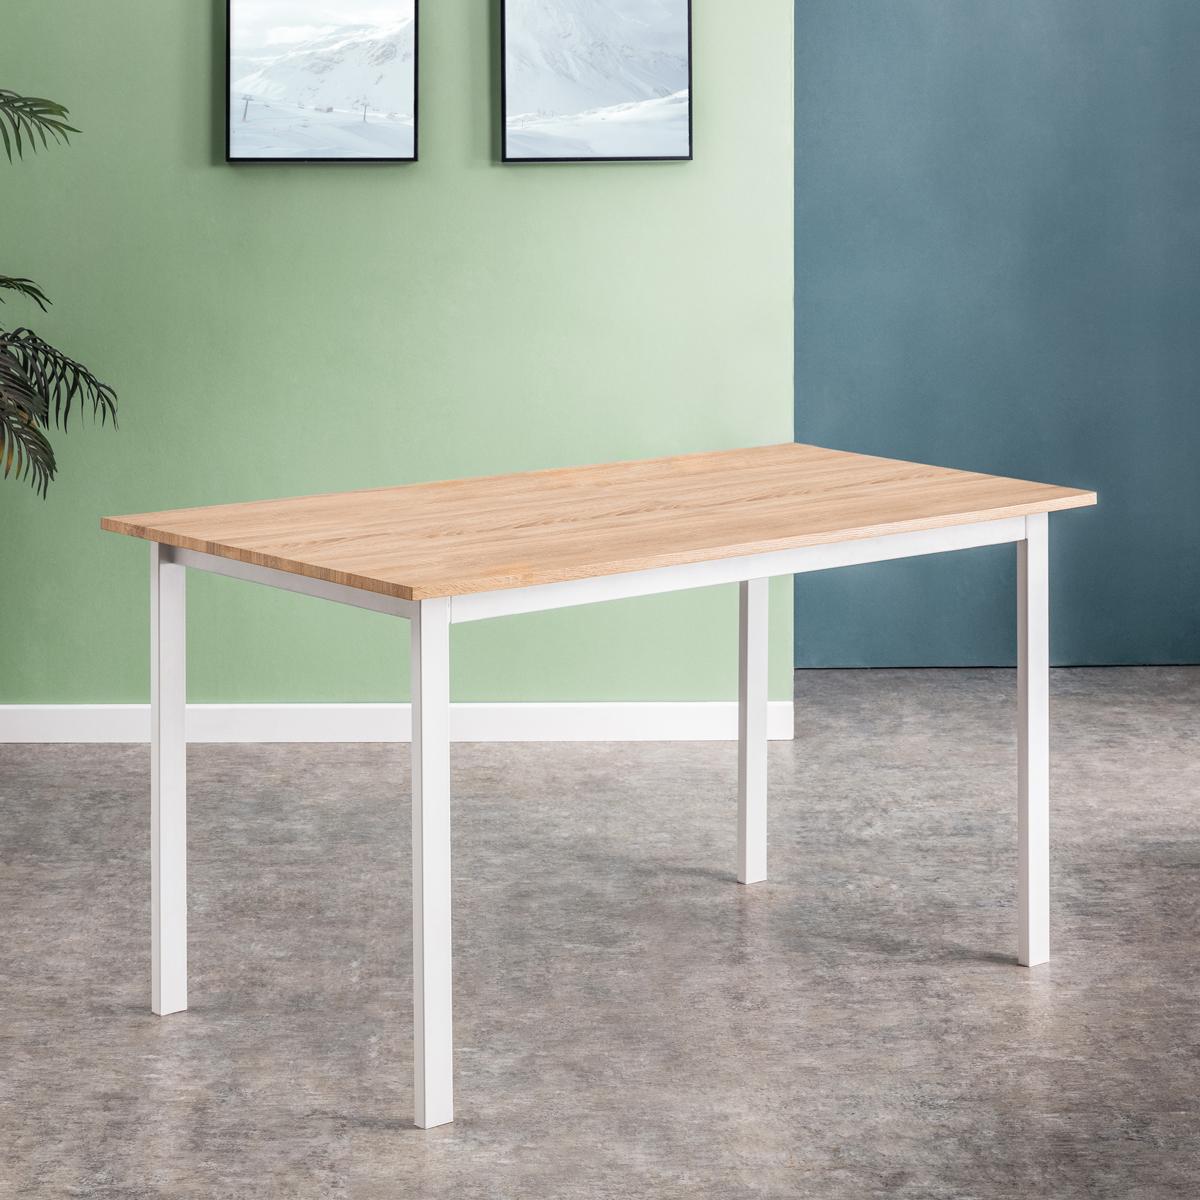 Mesa Kenia, sencilla y minimalista.